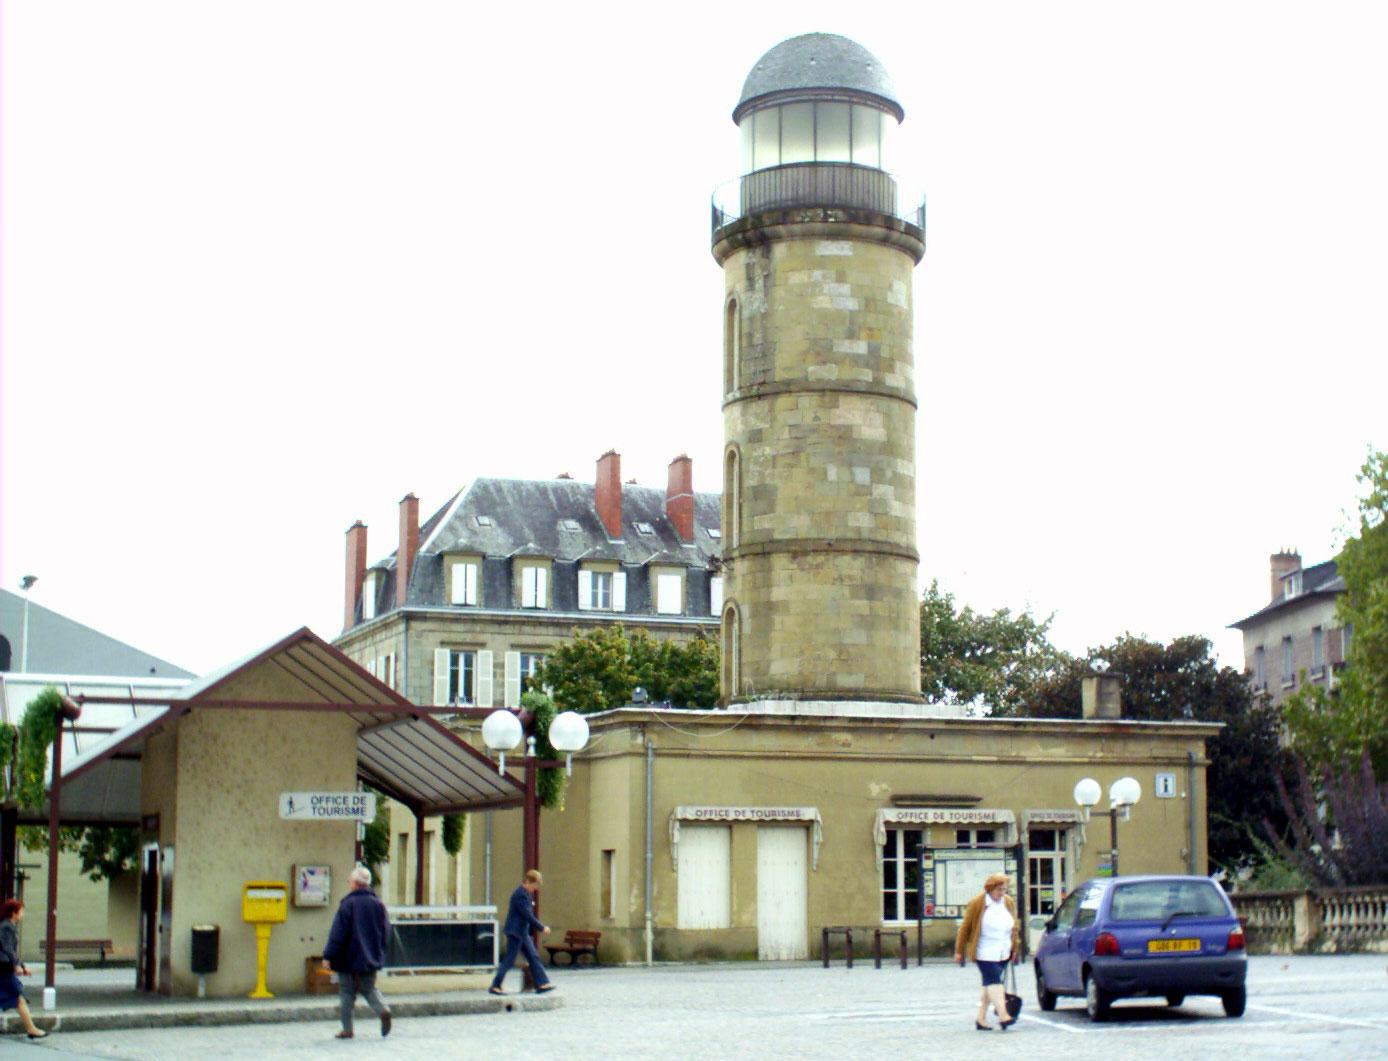 Brive-la-Gaillarde-Visitor-Center